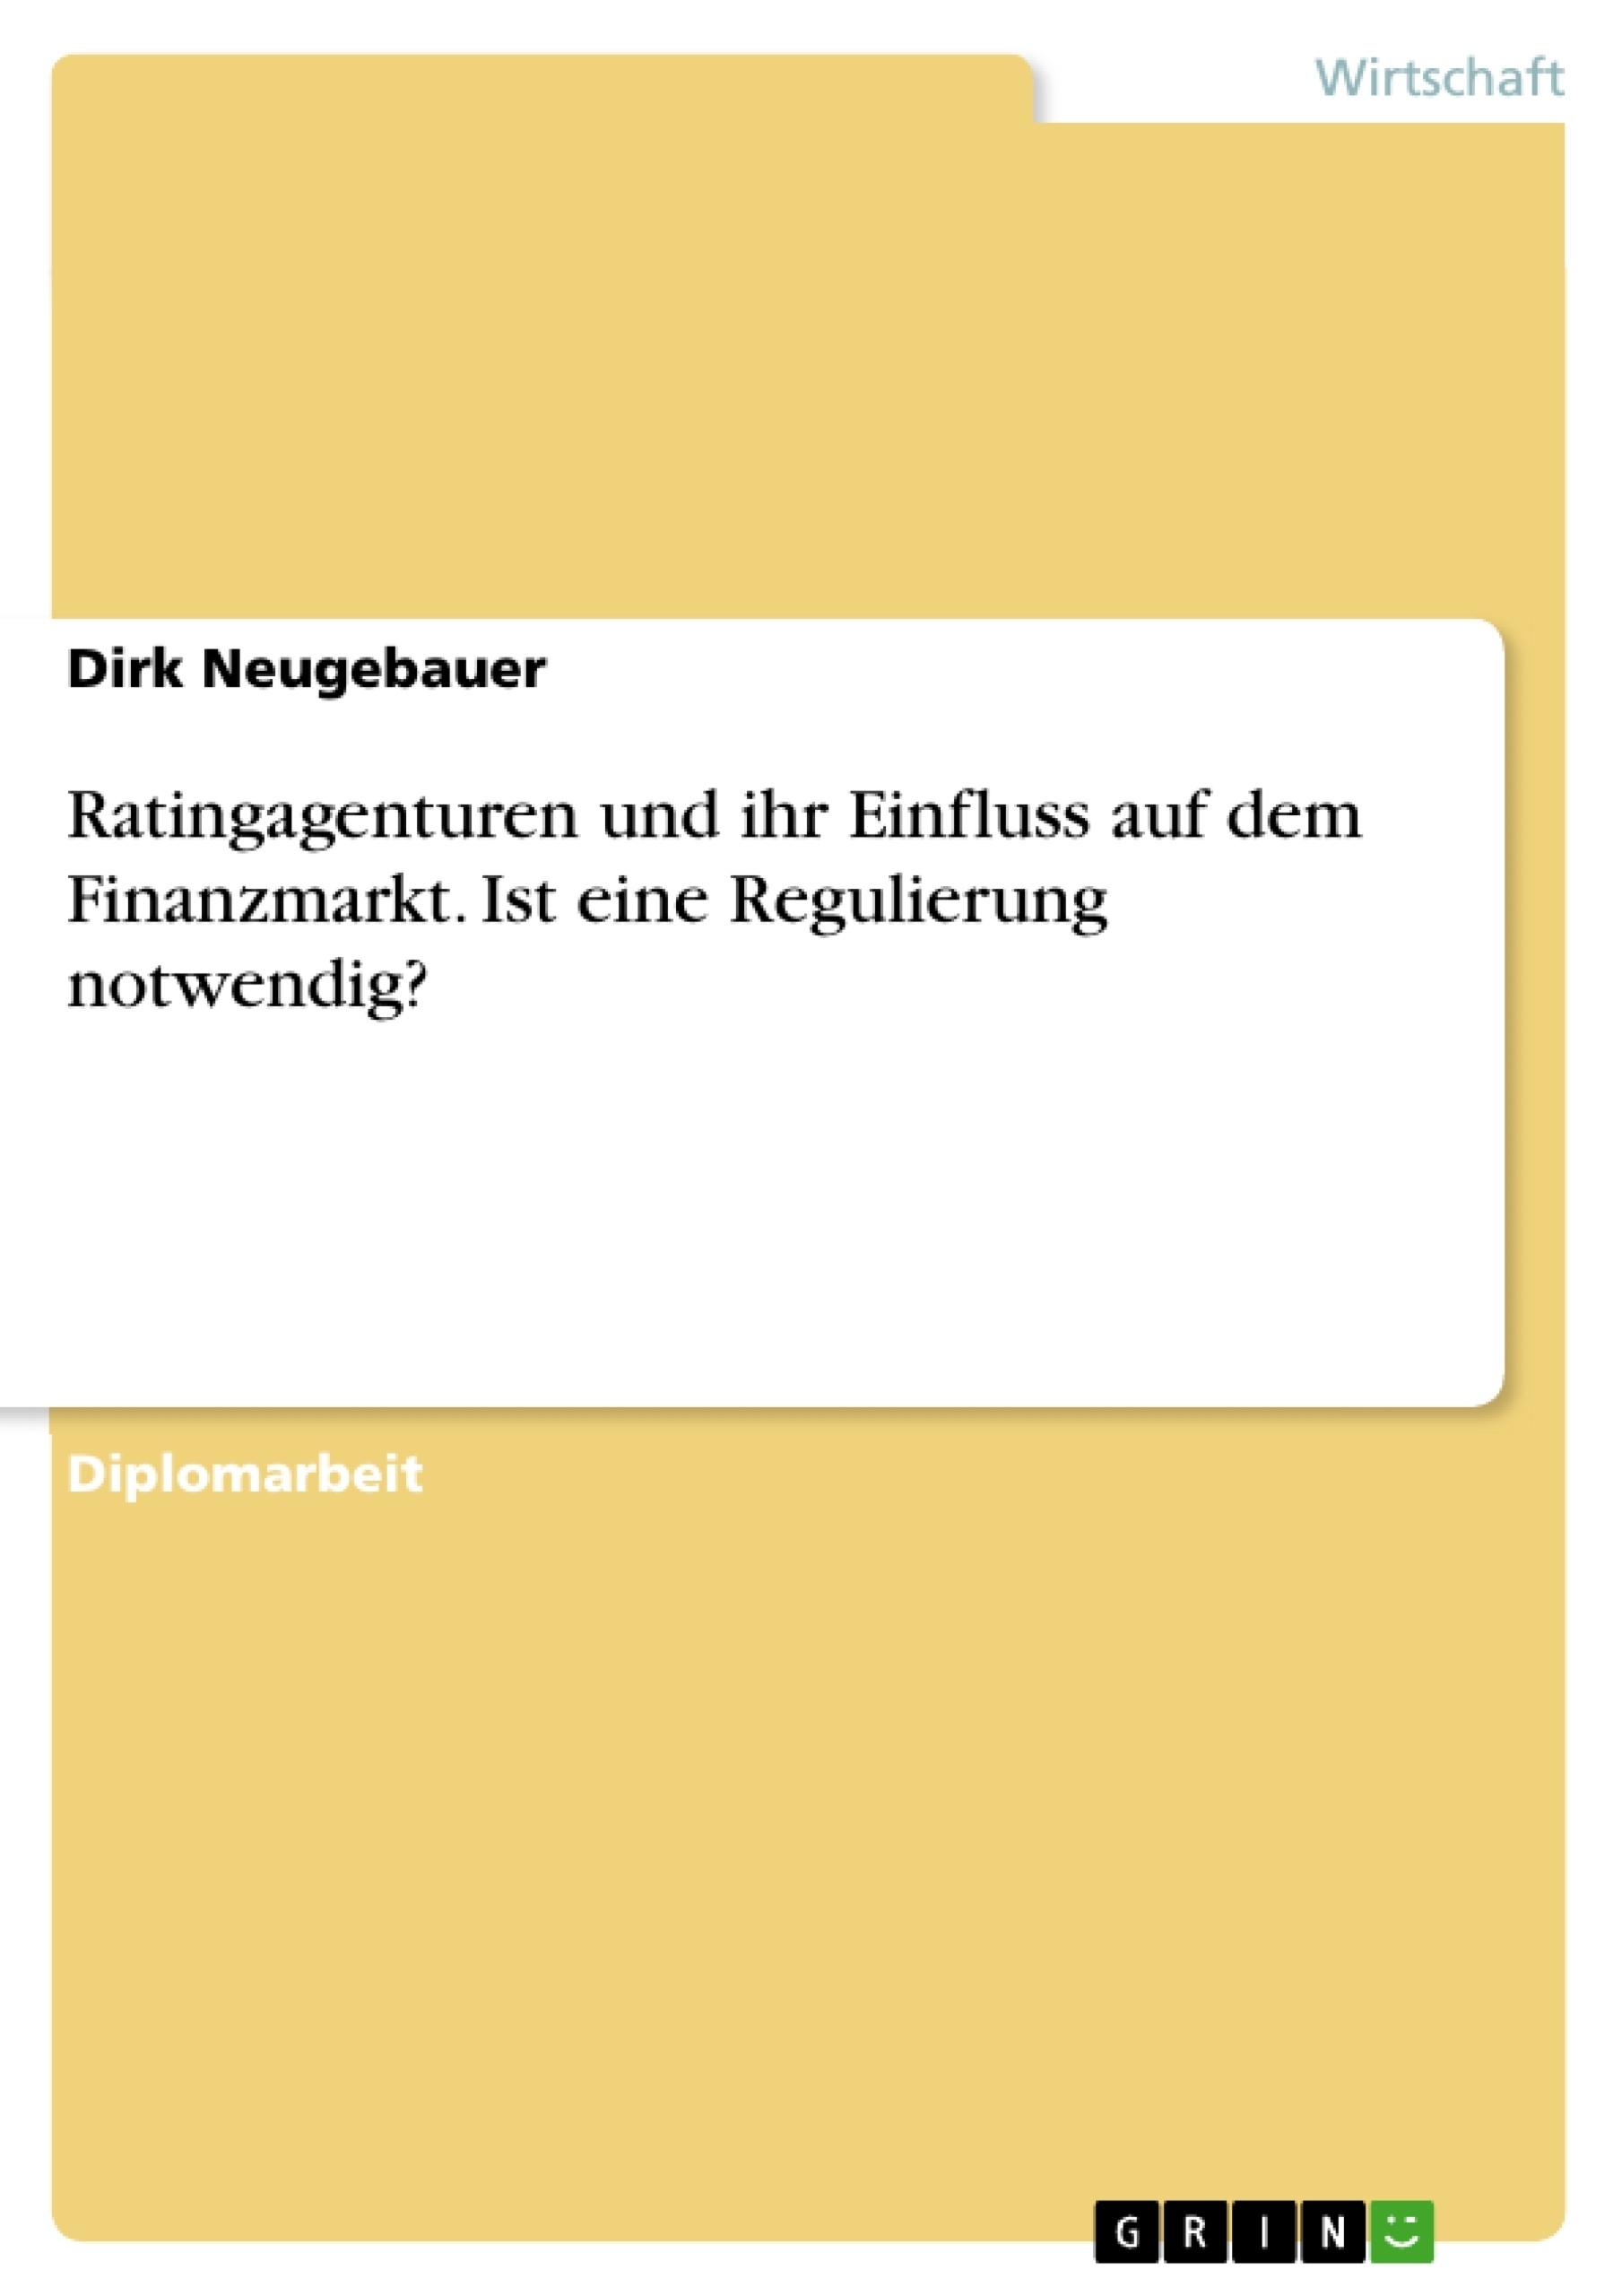 Titel: Ratingagenturen und ihr Einfluss auf dem Finanzmarkt. Ist eine Regulierung notwendig?